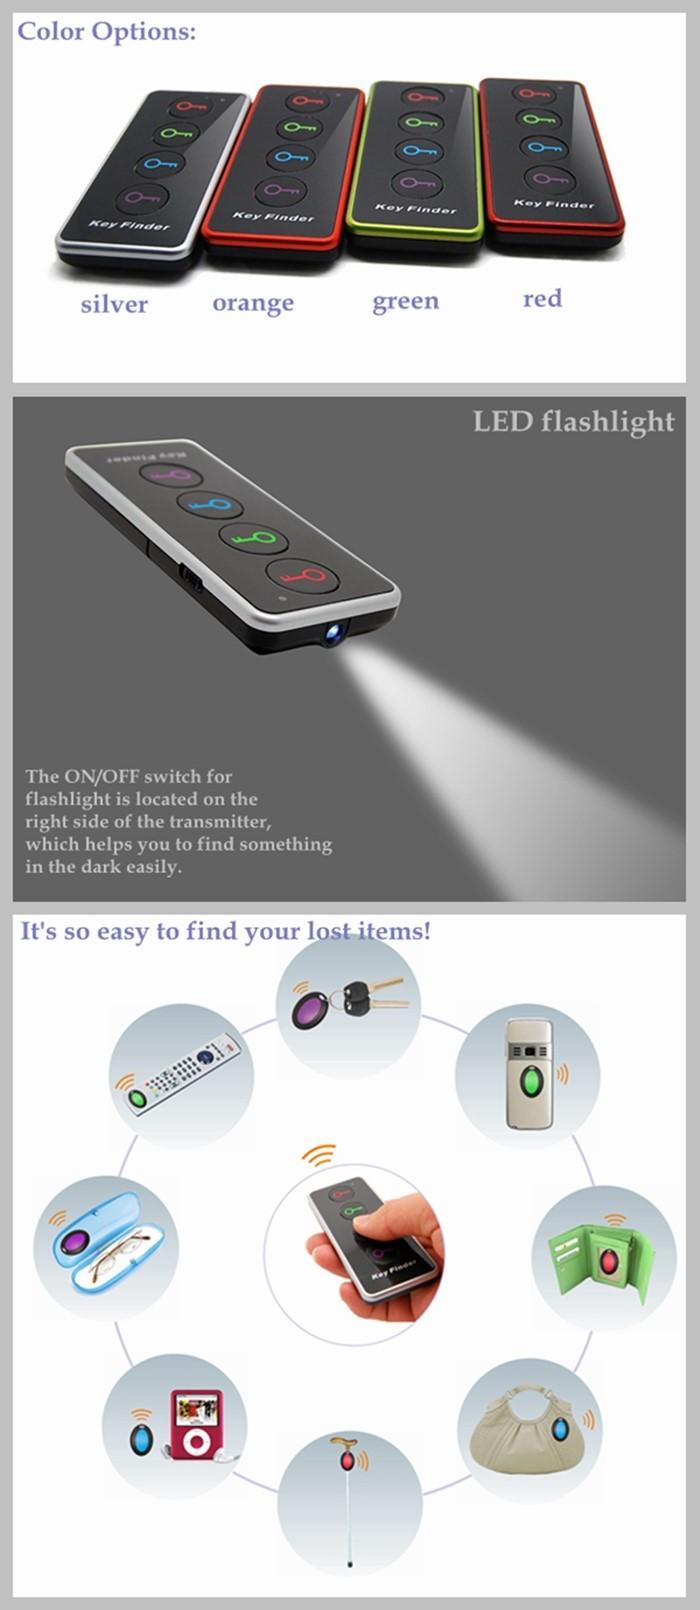 Quà tặng công nghệ Smart Lostfinder 1-SML04